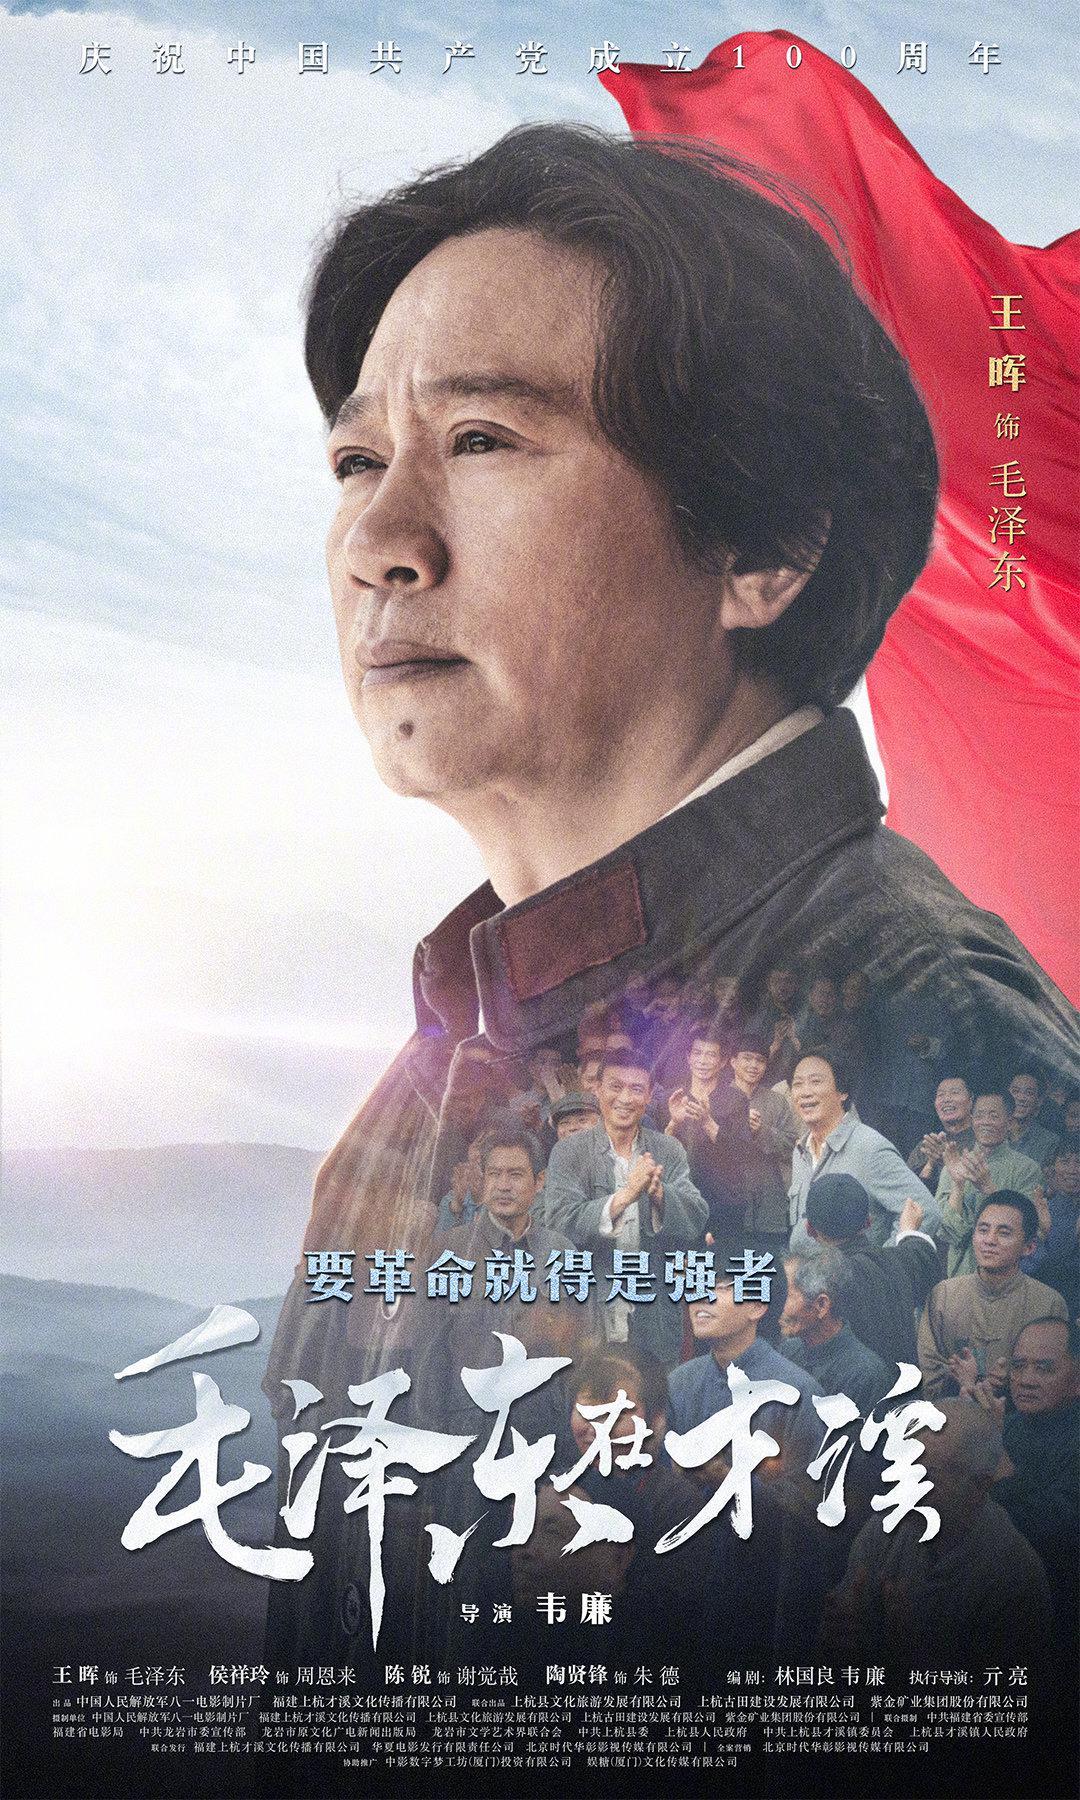 电影《毛泽东在才溪》日前发布一组人物海报……